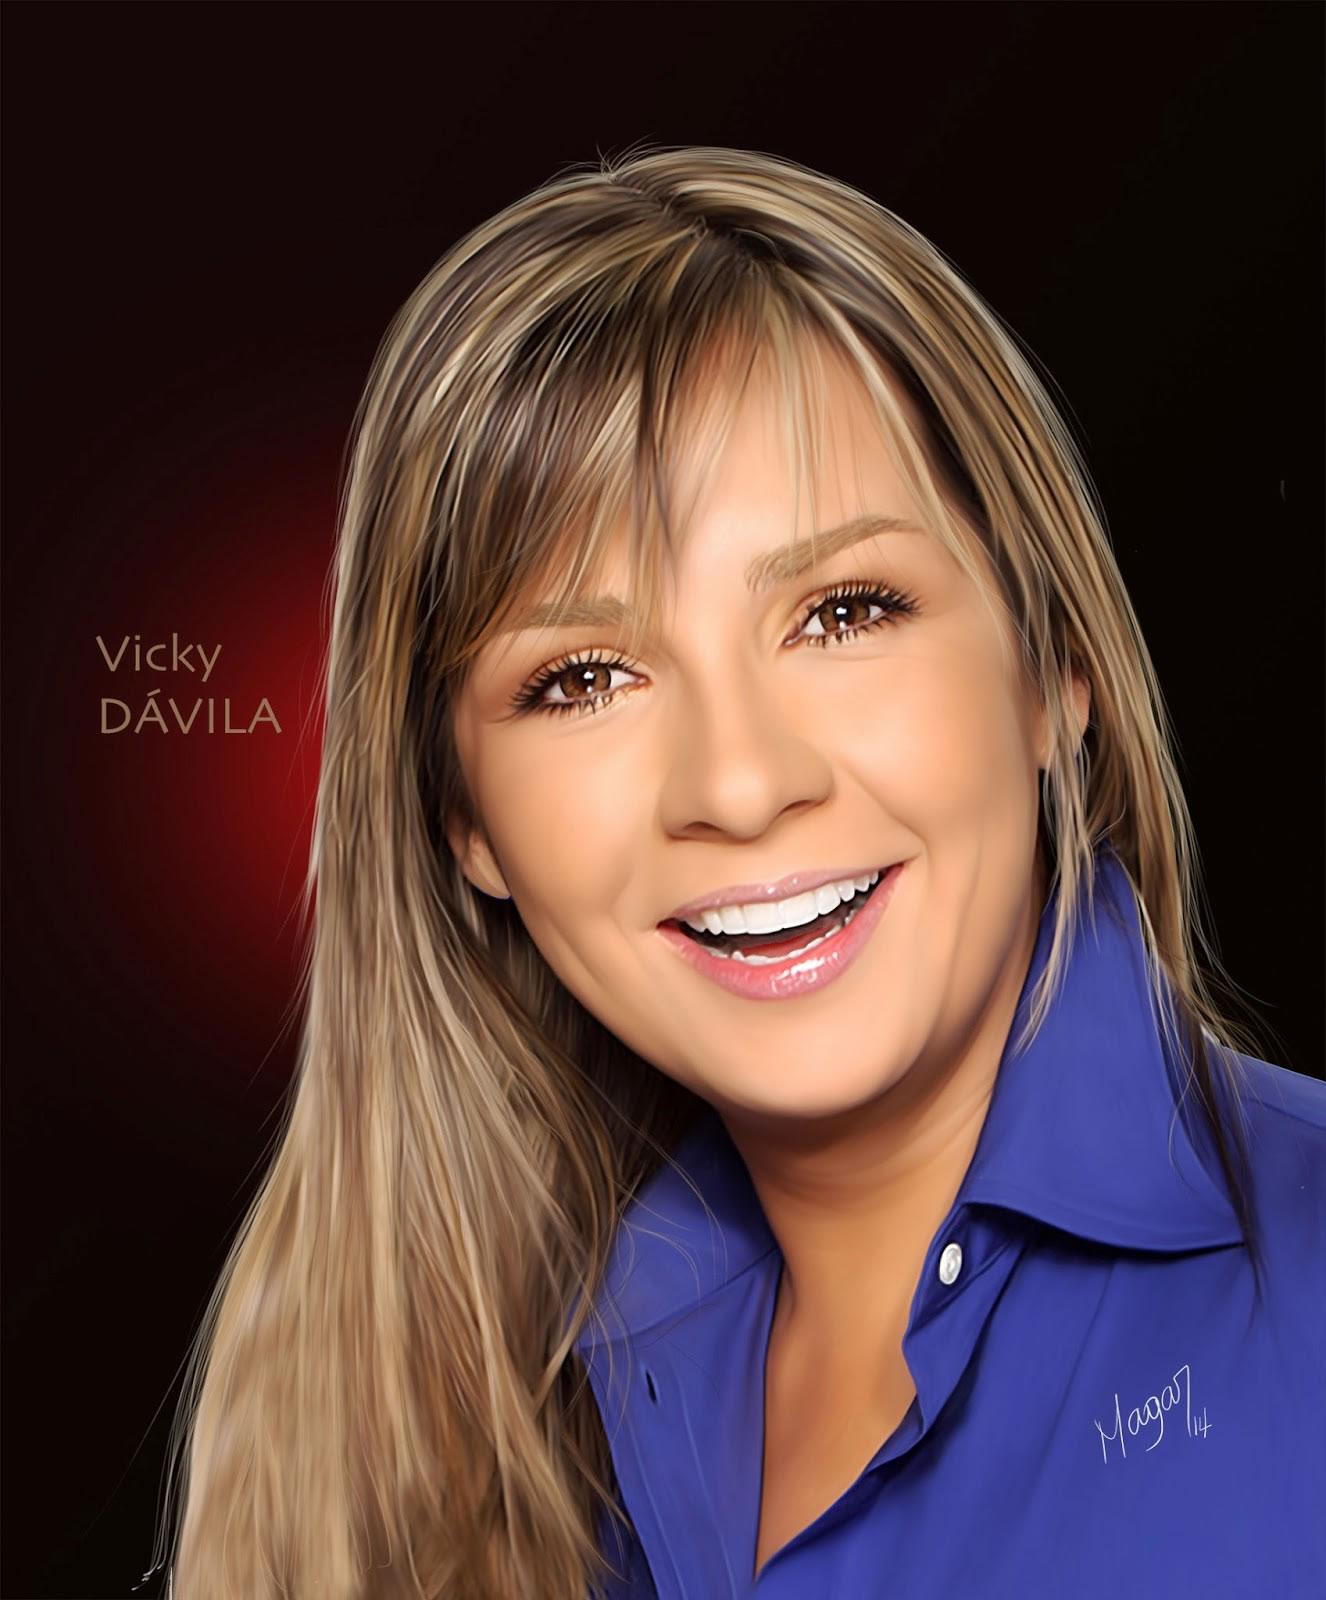 Vicky Dávila por MAGAR